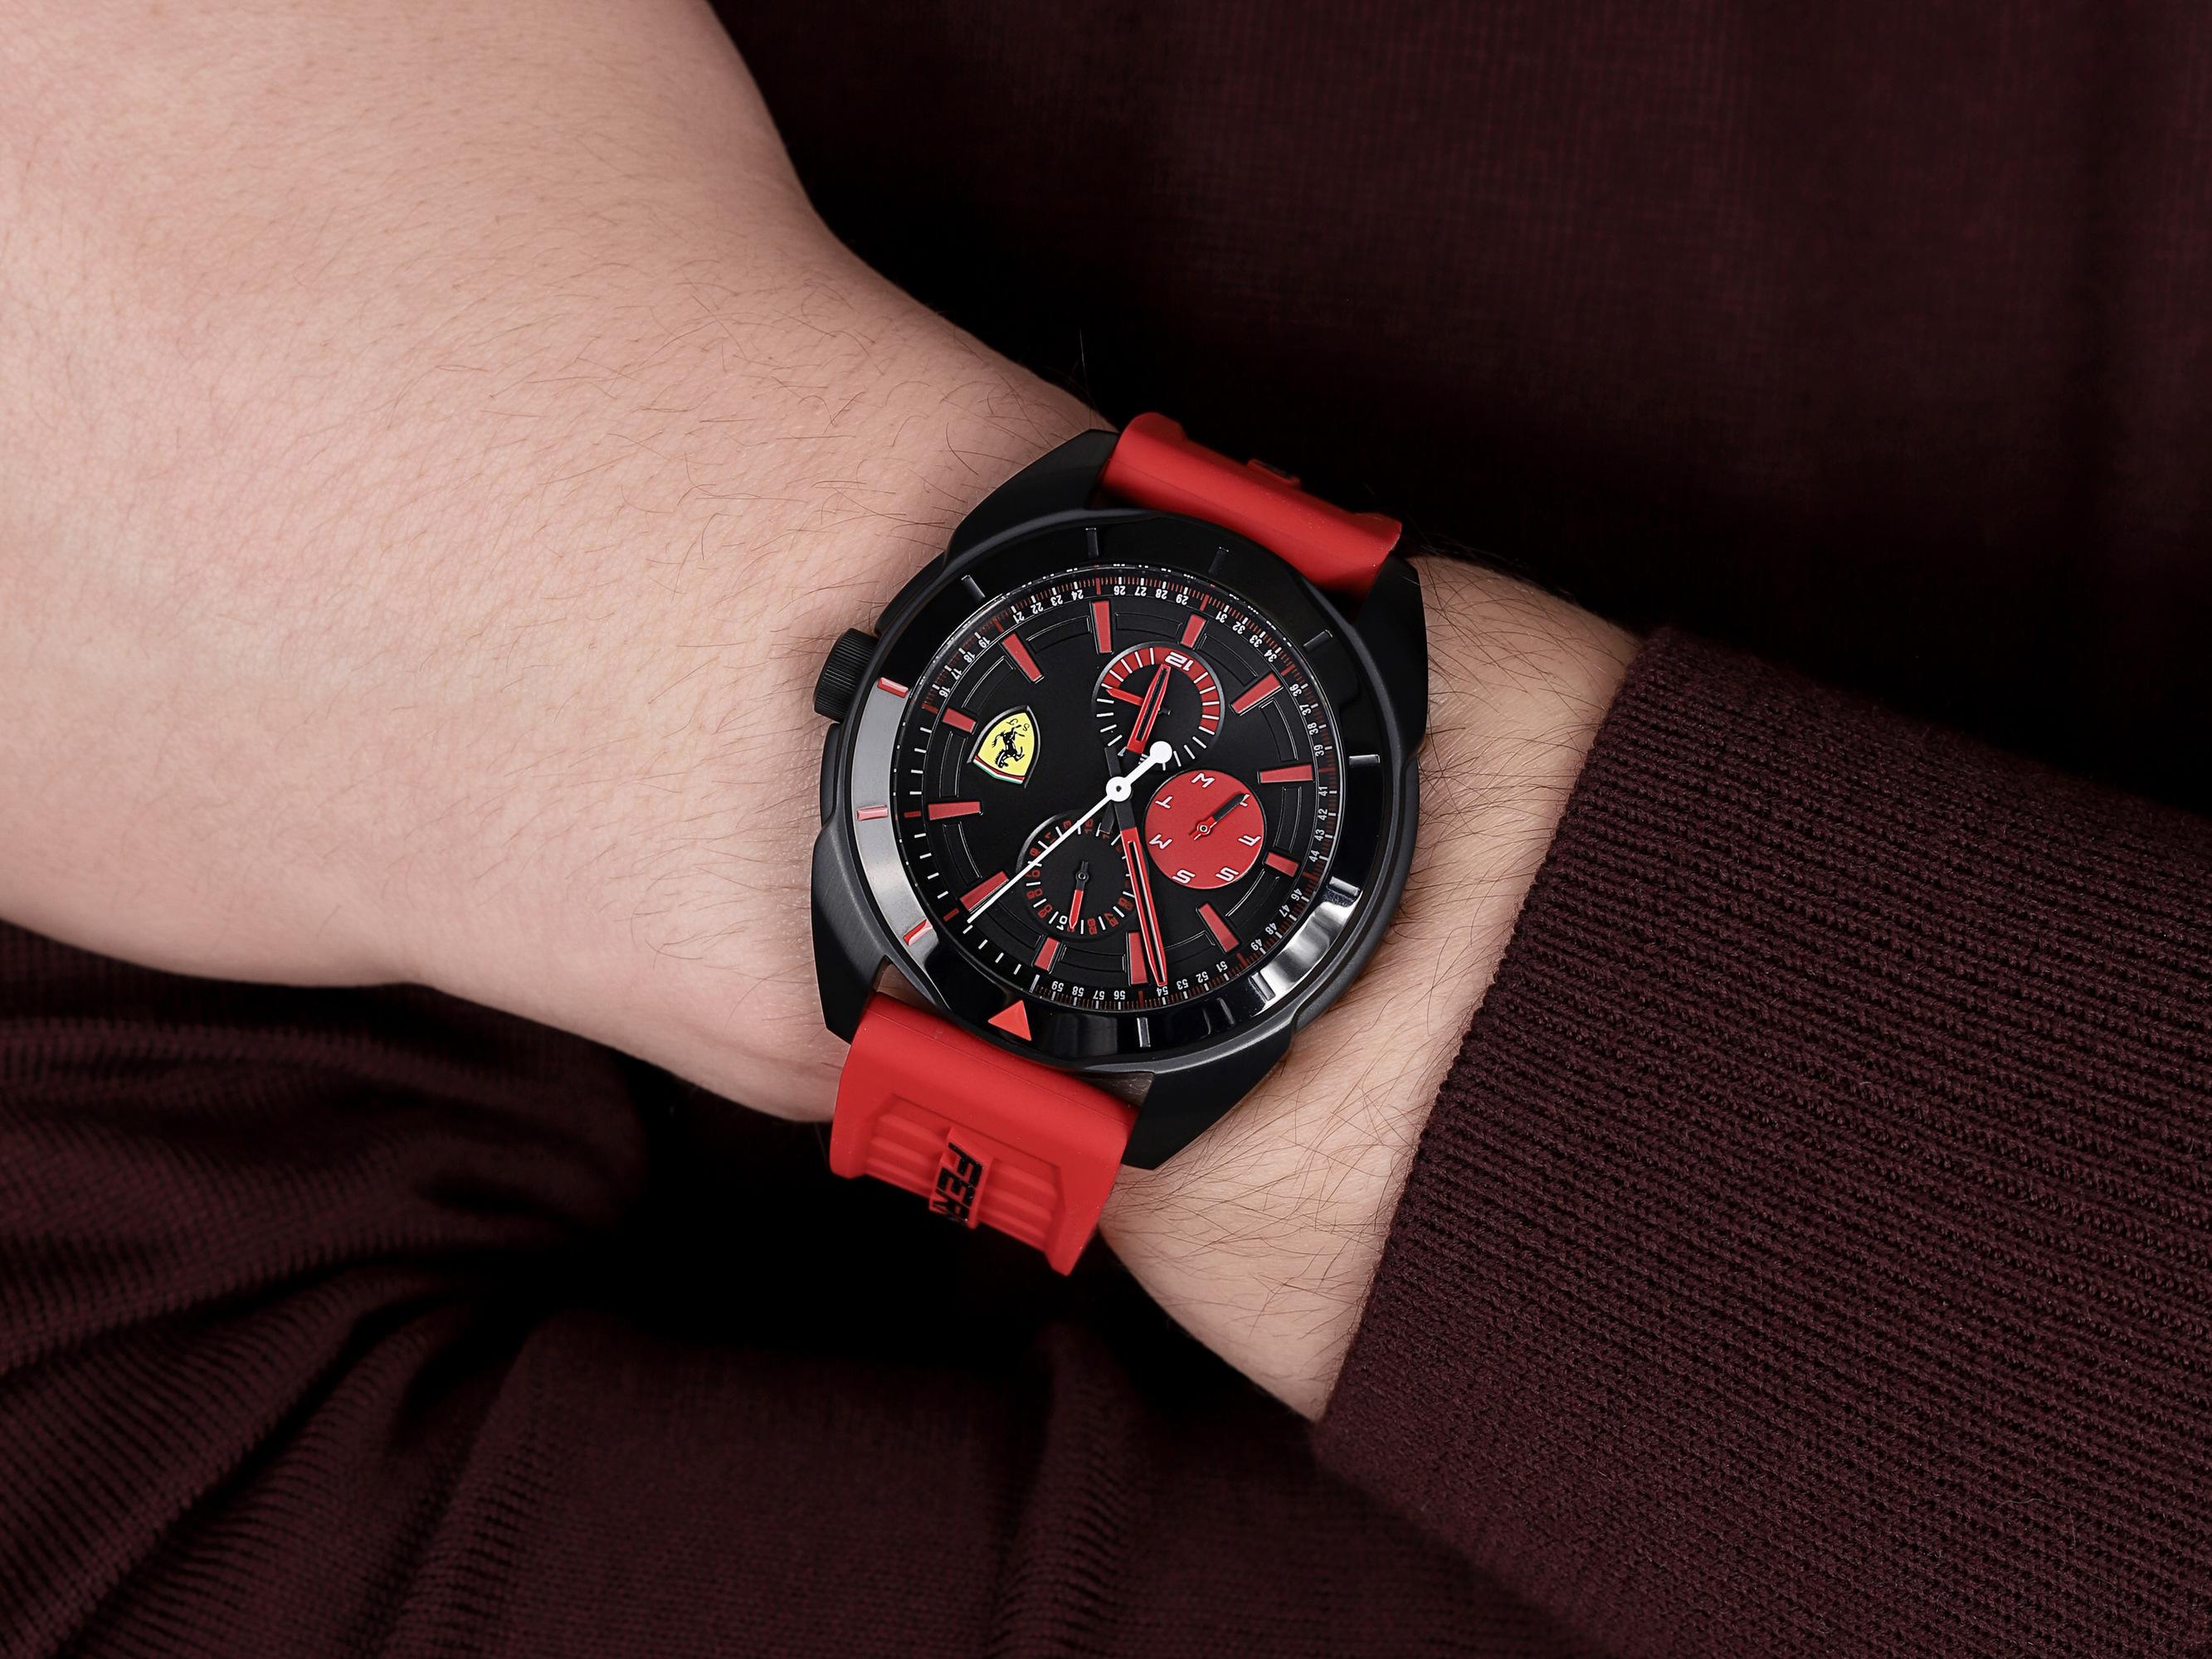 Scuderia Ferrari SF 0830576 FORZA męski zegarek Forza pasek